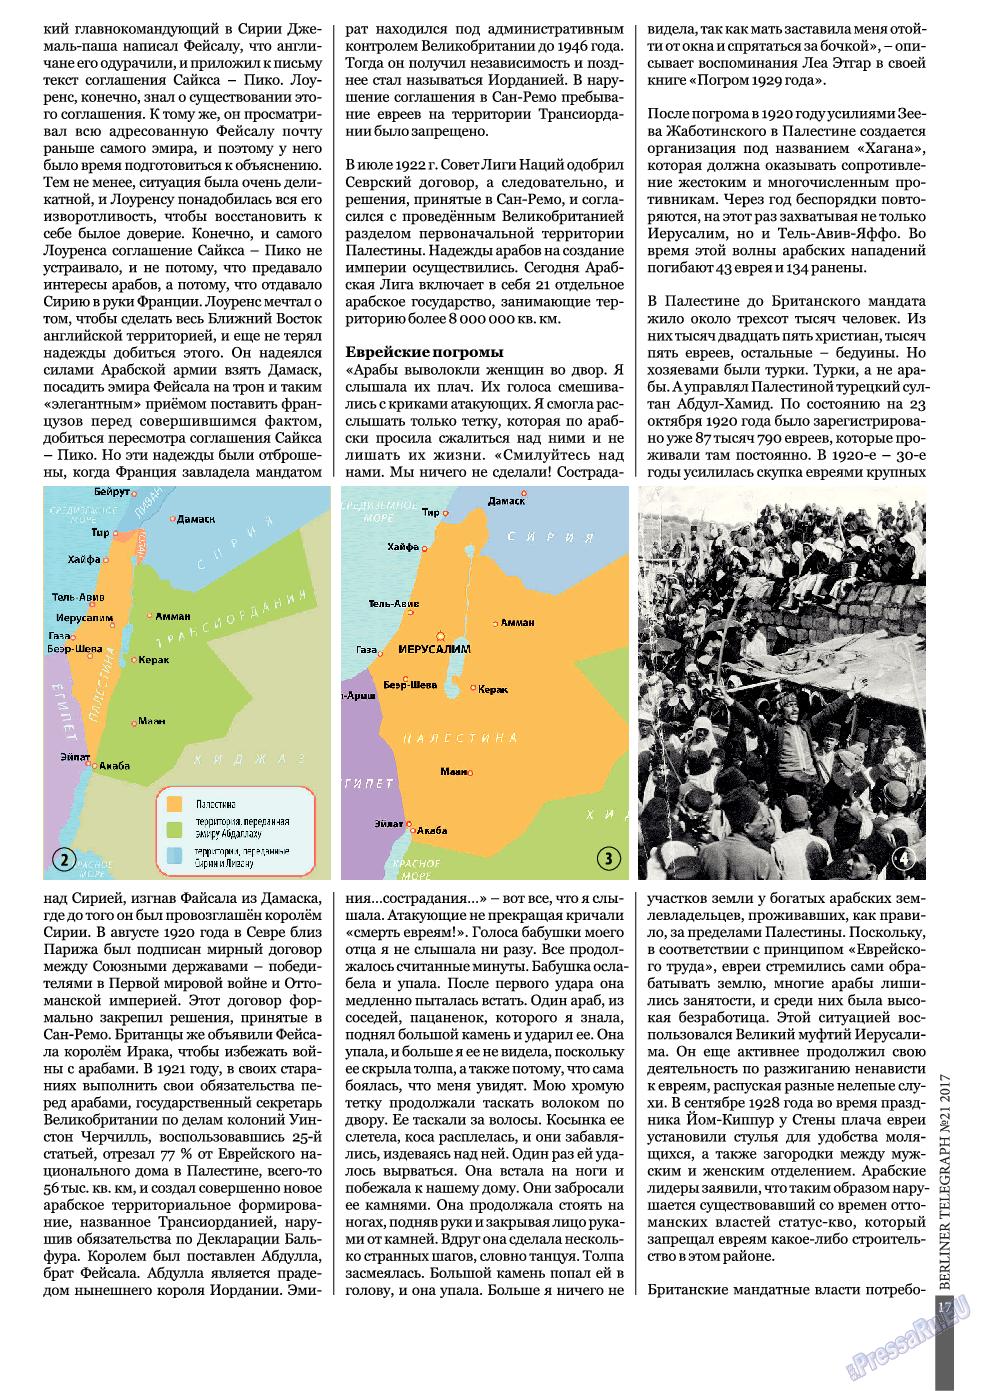 Берлинский телеграф (журнал). 2017 год, номер 21, стр. 17